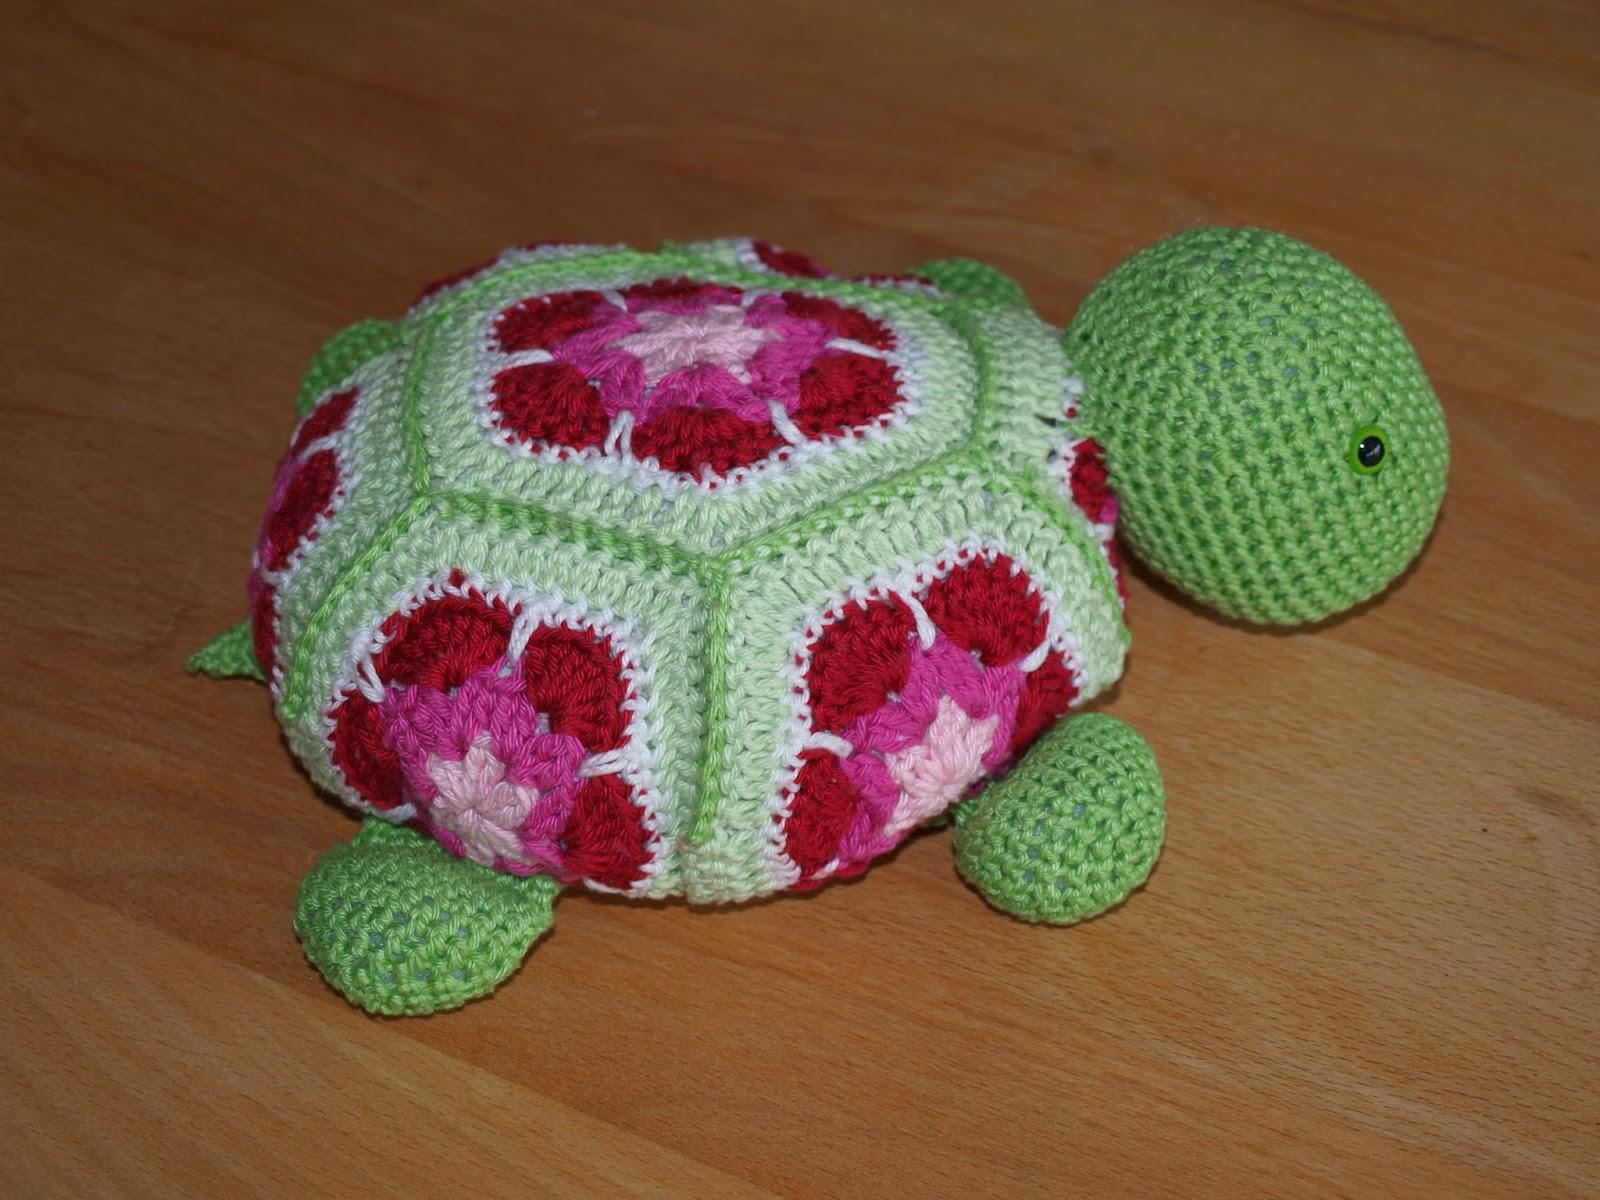 Lieselotjes Handwerk Haakpatronen Schildpadjes